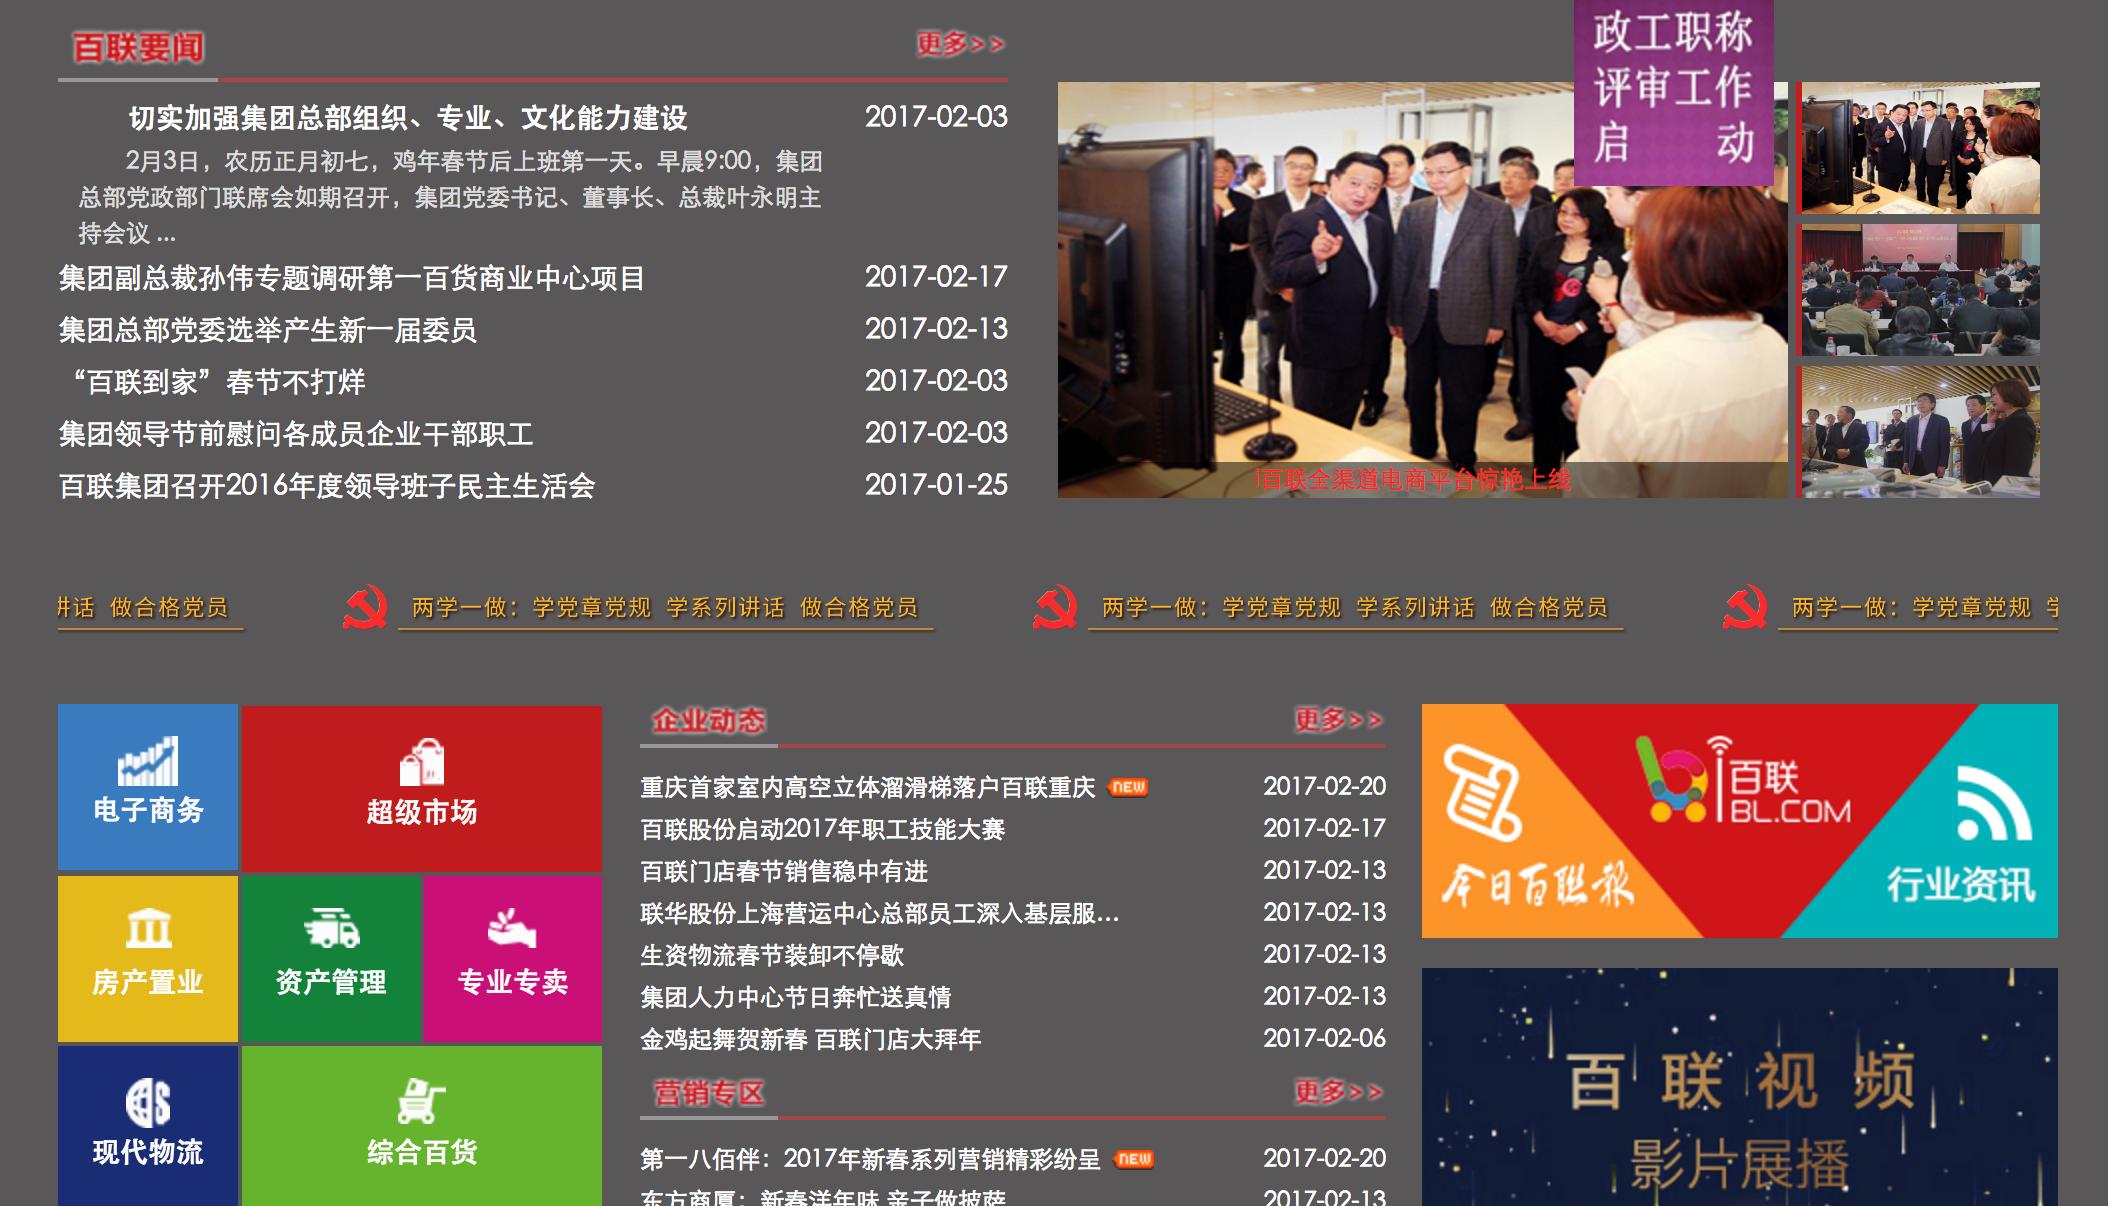 百联集团的官方网站